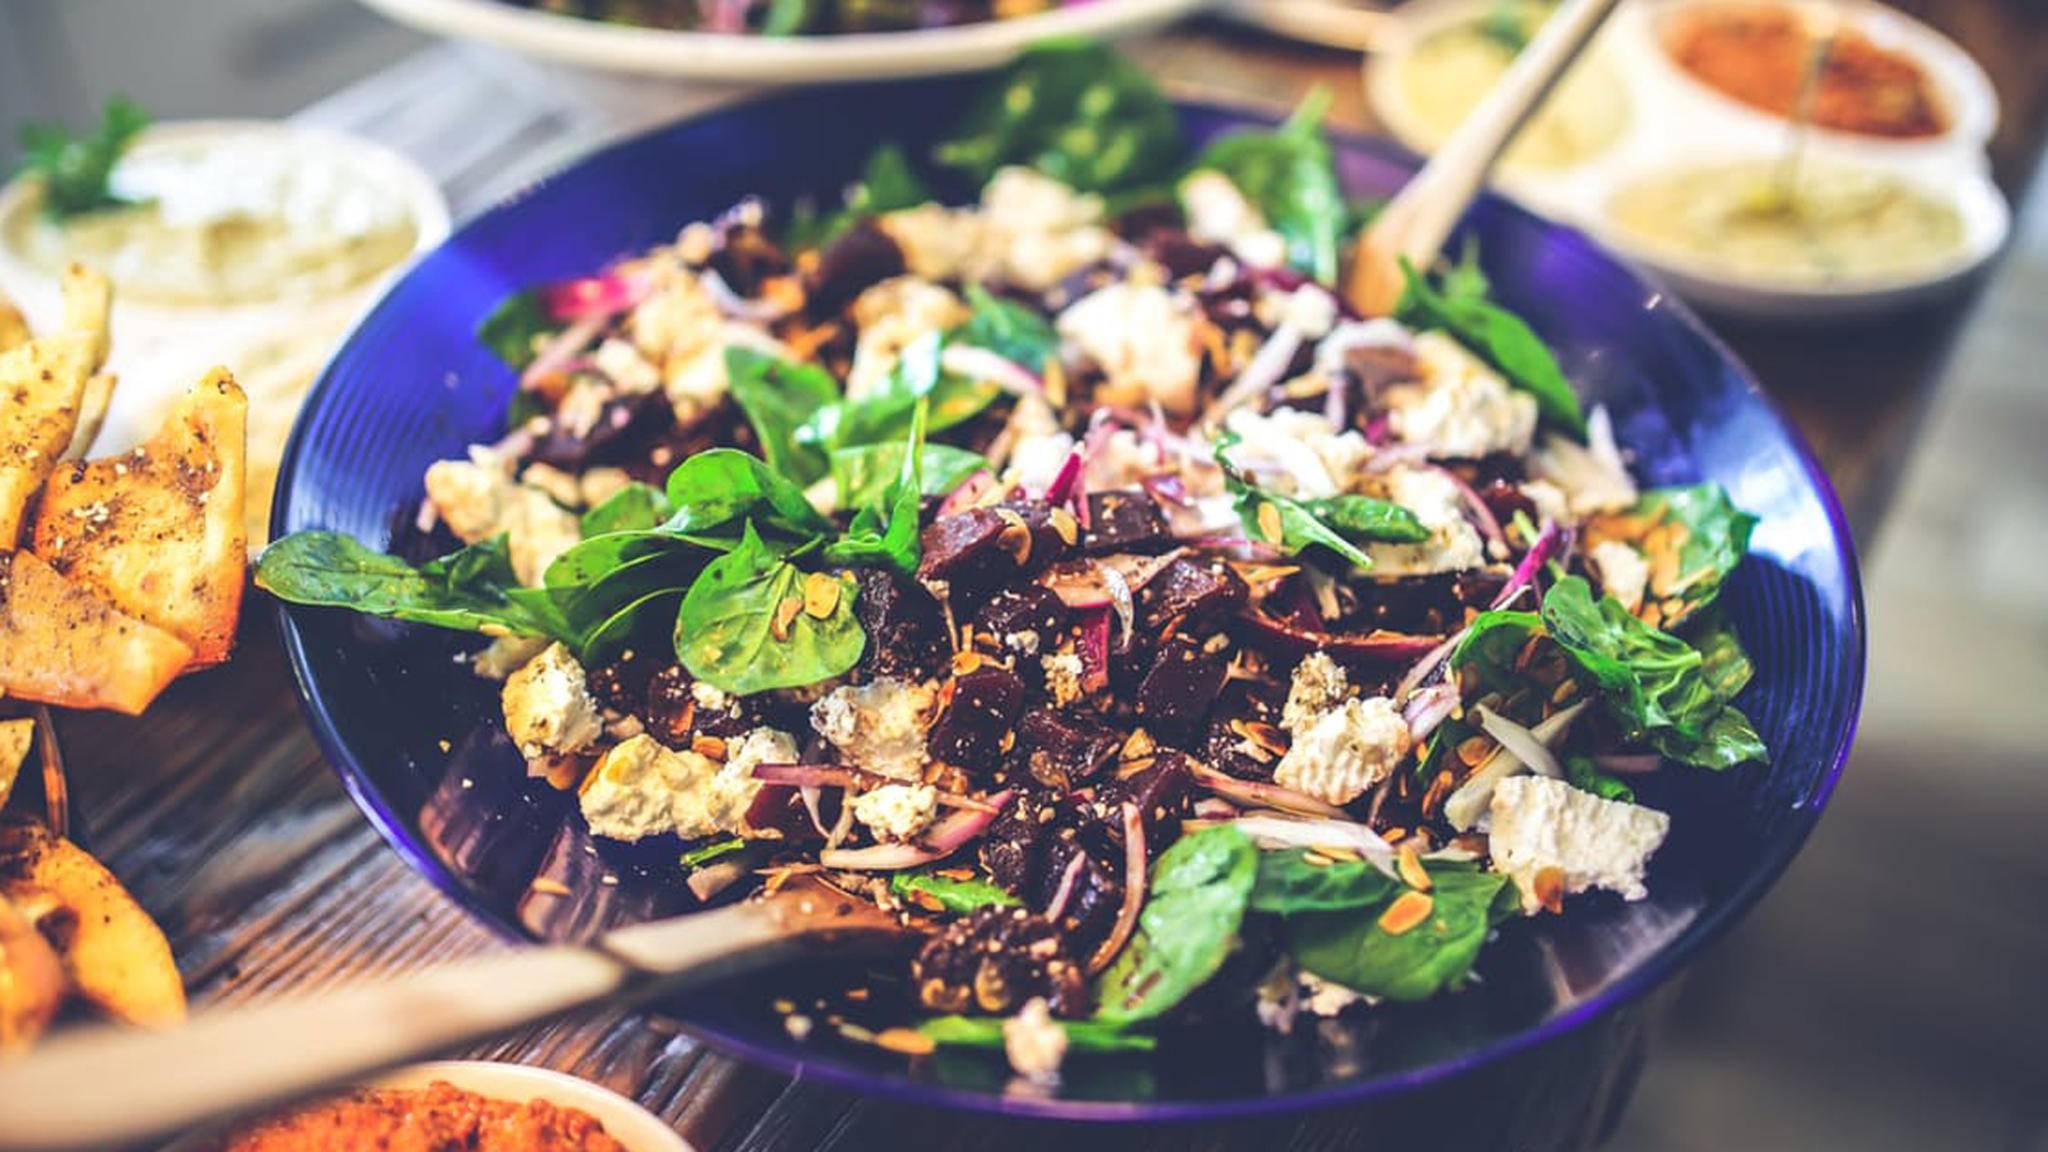 Kalorienarm und frisch: Salate liegen nicht nur im Sommer im Trend.